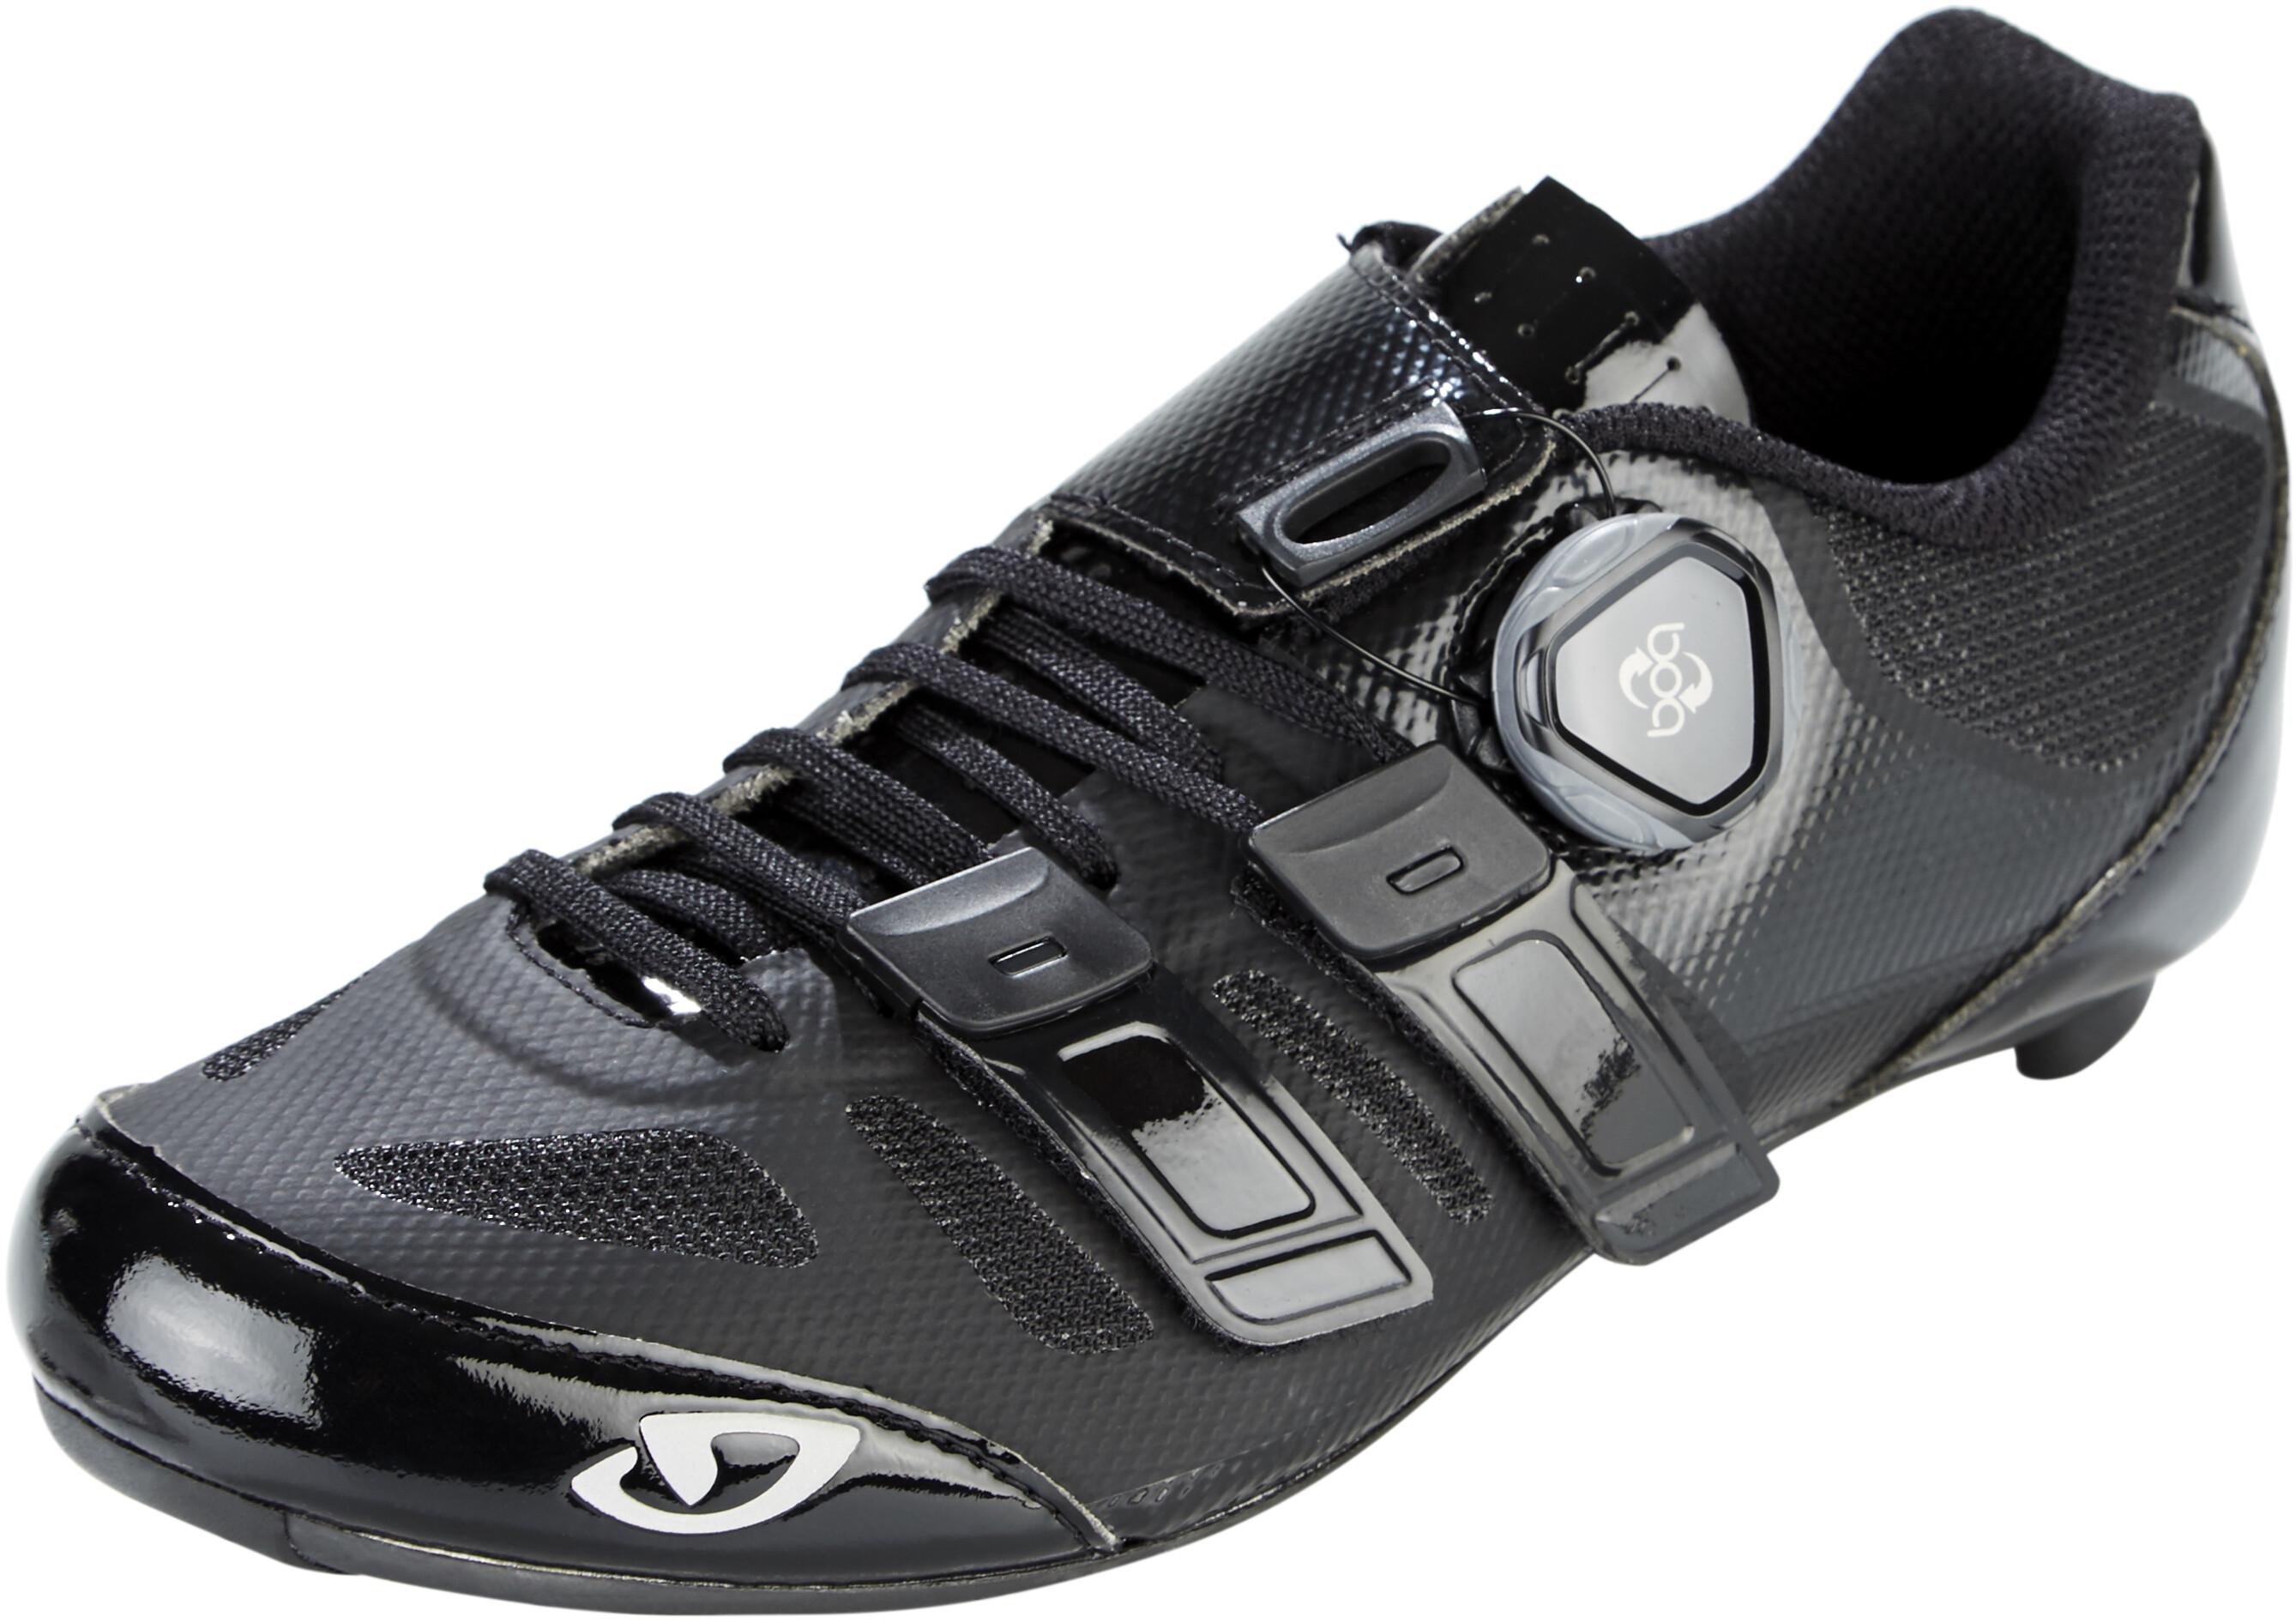 ea54ec27e20 Giro Raes Techlace Shoes Women black at Bikester.co.uk